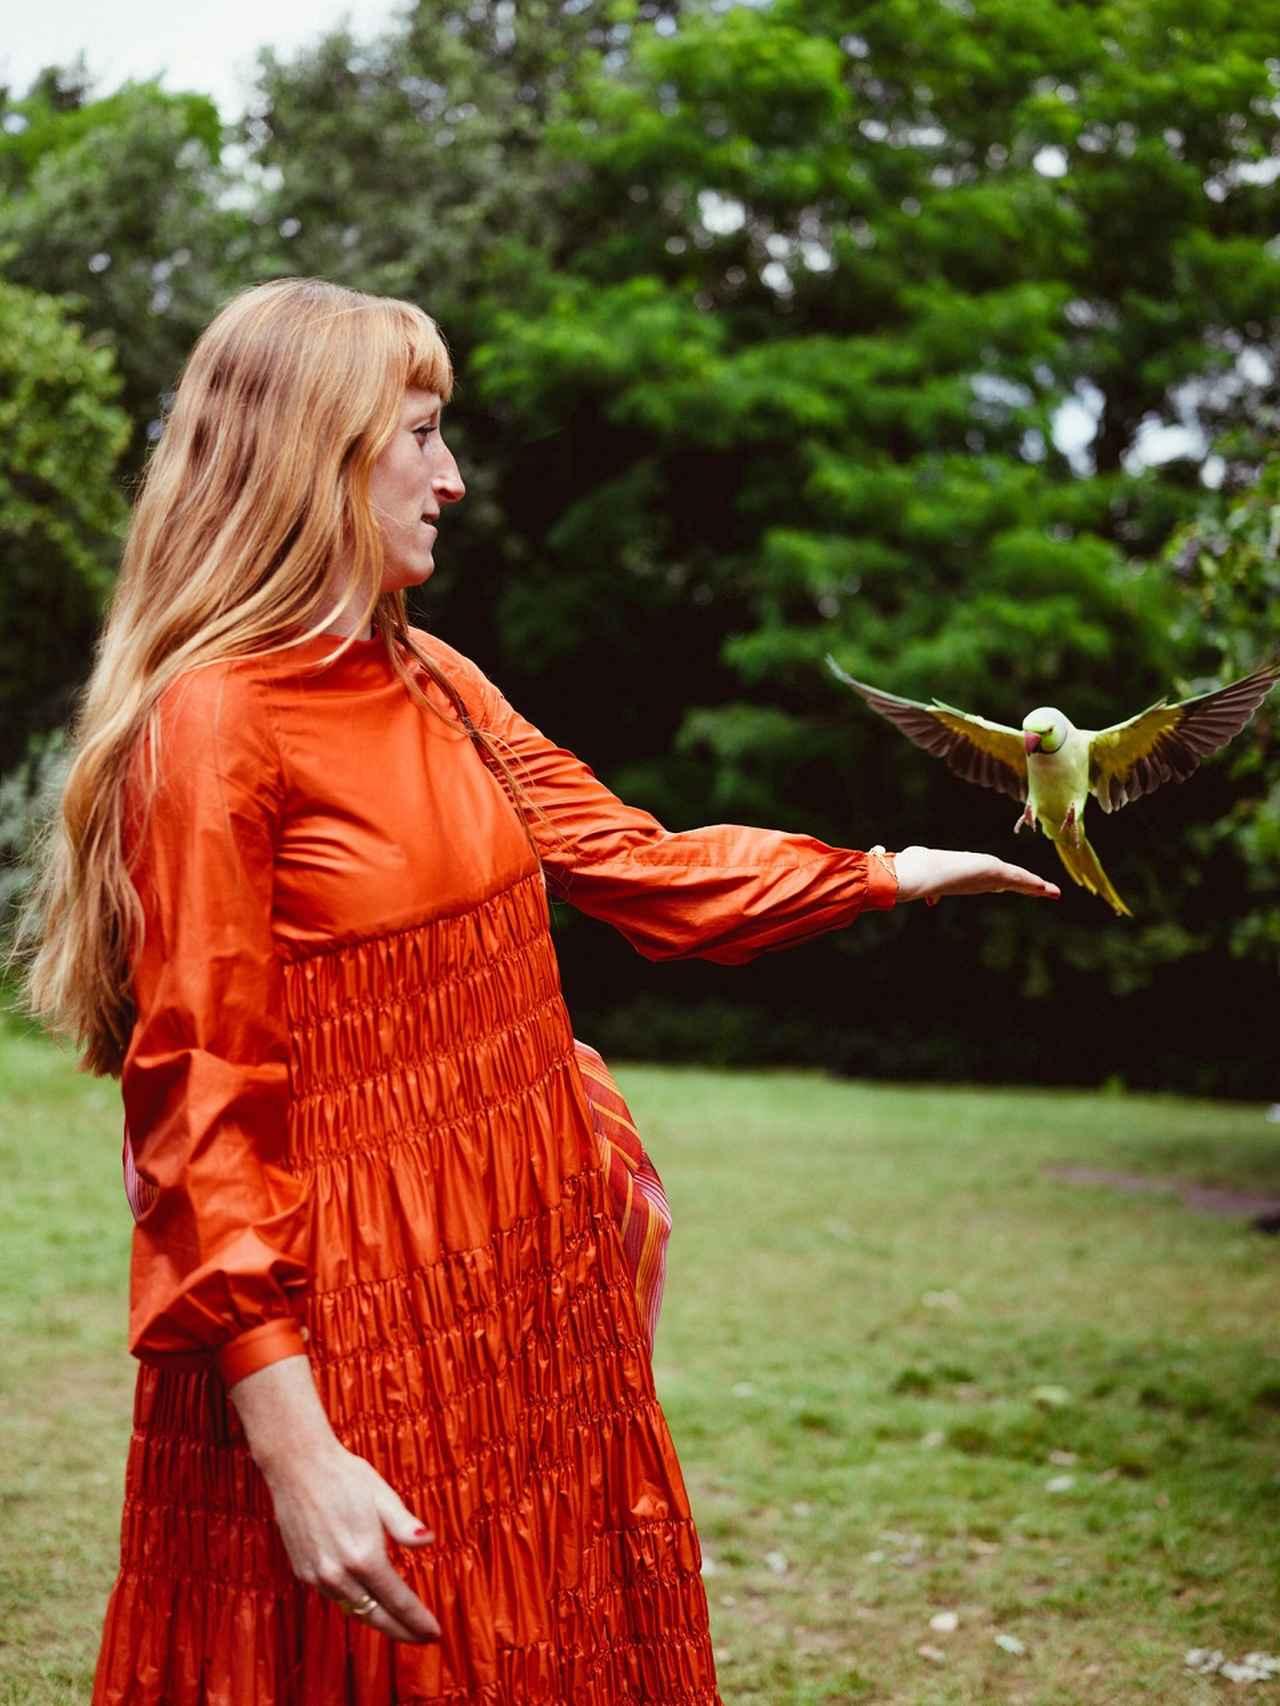 Images : 12番目の画像 - 「期待の若手デザイナー、 モリー・ゴダードの凱旋」のアルバム - T JAPAN:The New York Times Style Magazine 公式サイト